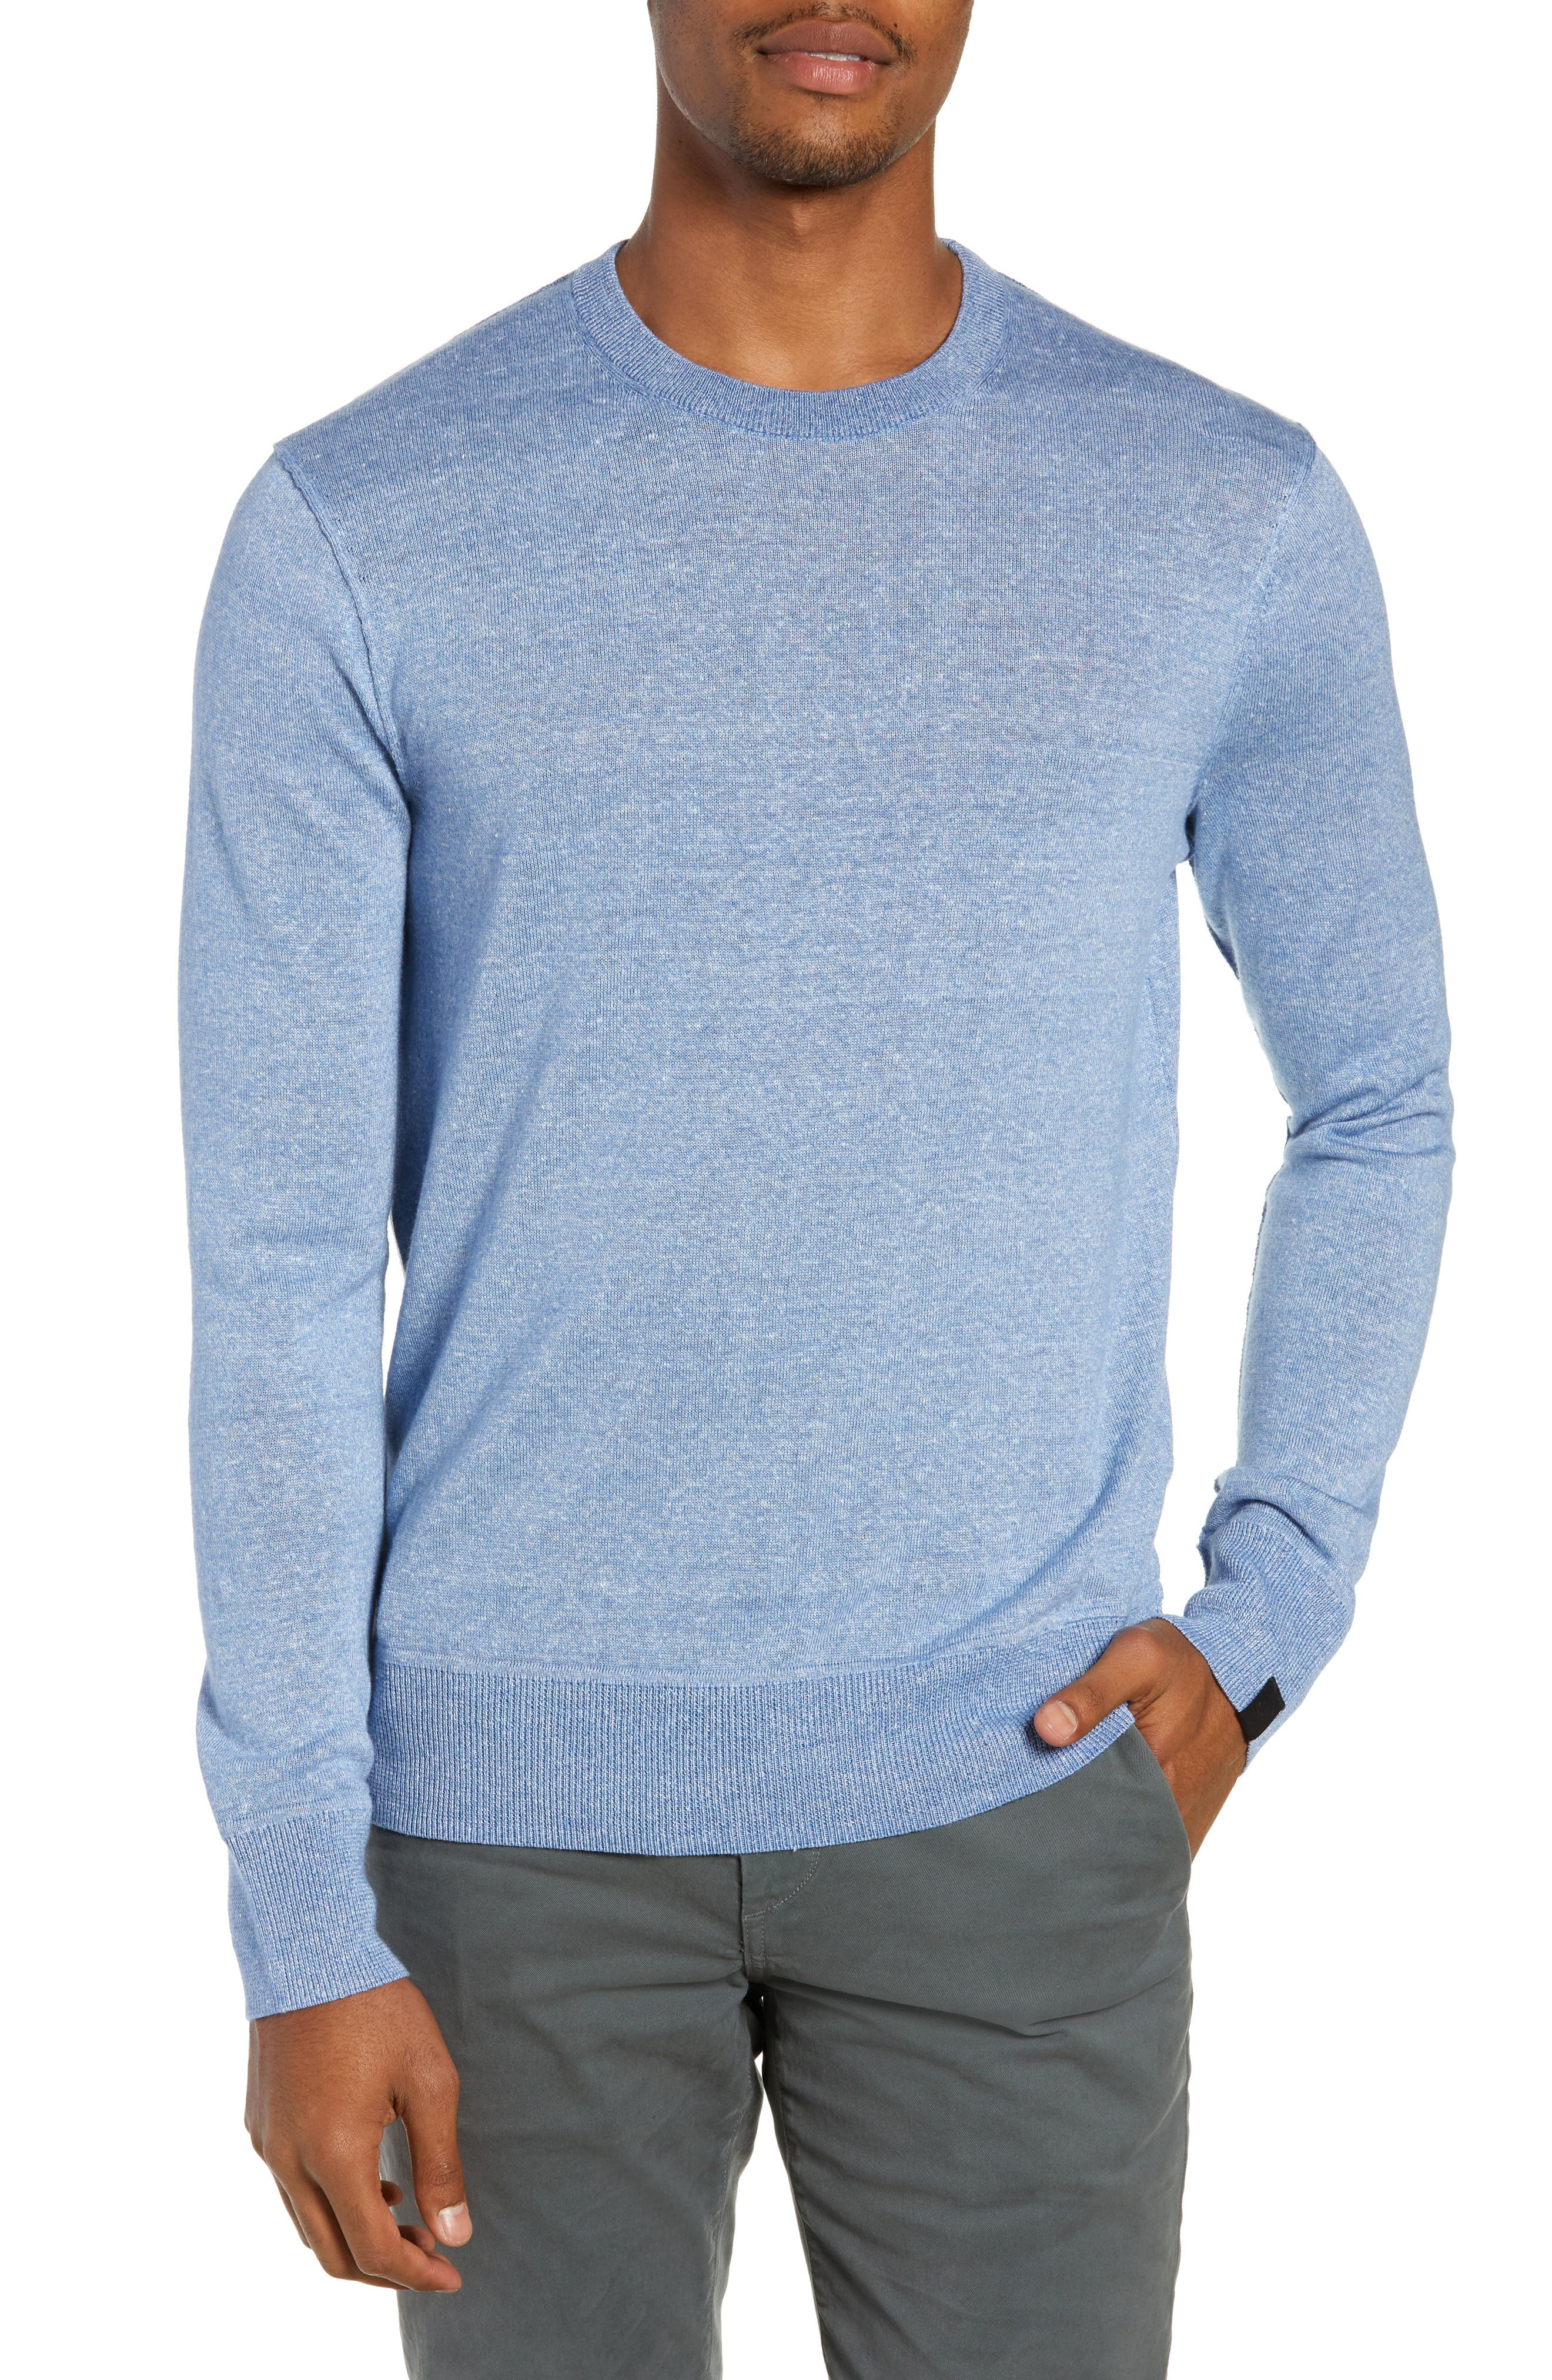 RAG & BONE, Dean Slim Fit Crewneck Sweater, Main thumbnail 1, color, 455